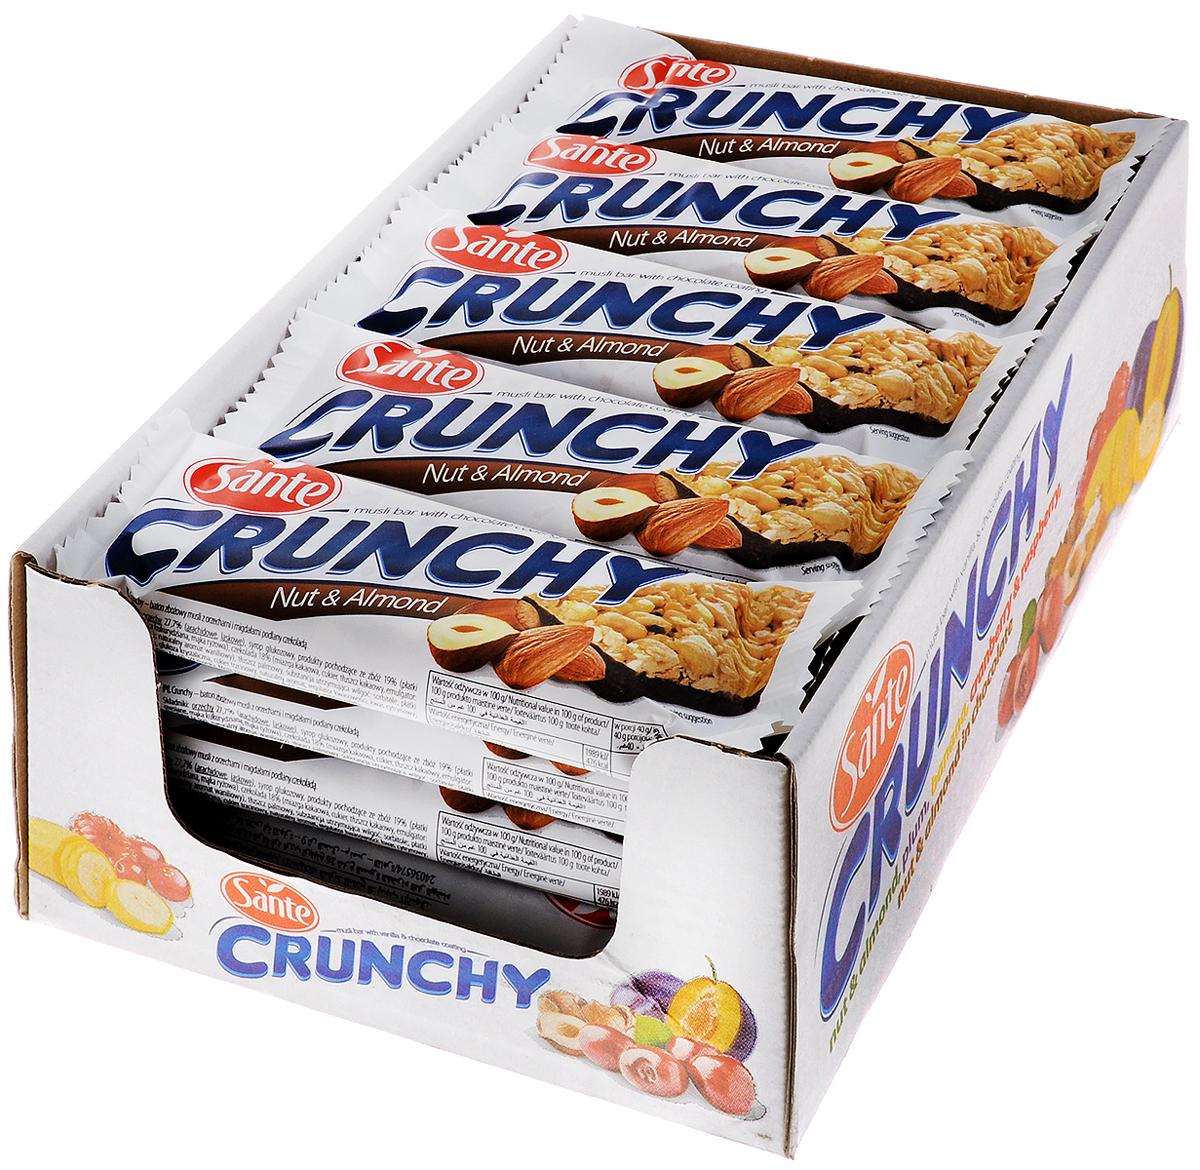 Sante Crunchy батончик мюсли с орехами и миндалем в шоколаде, 40 г (25 шт)